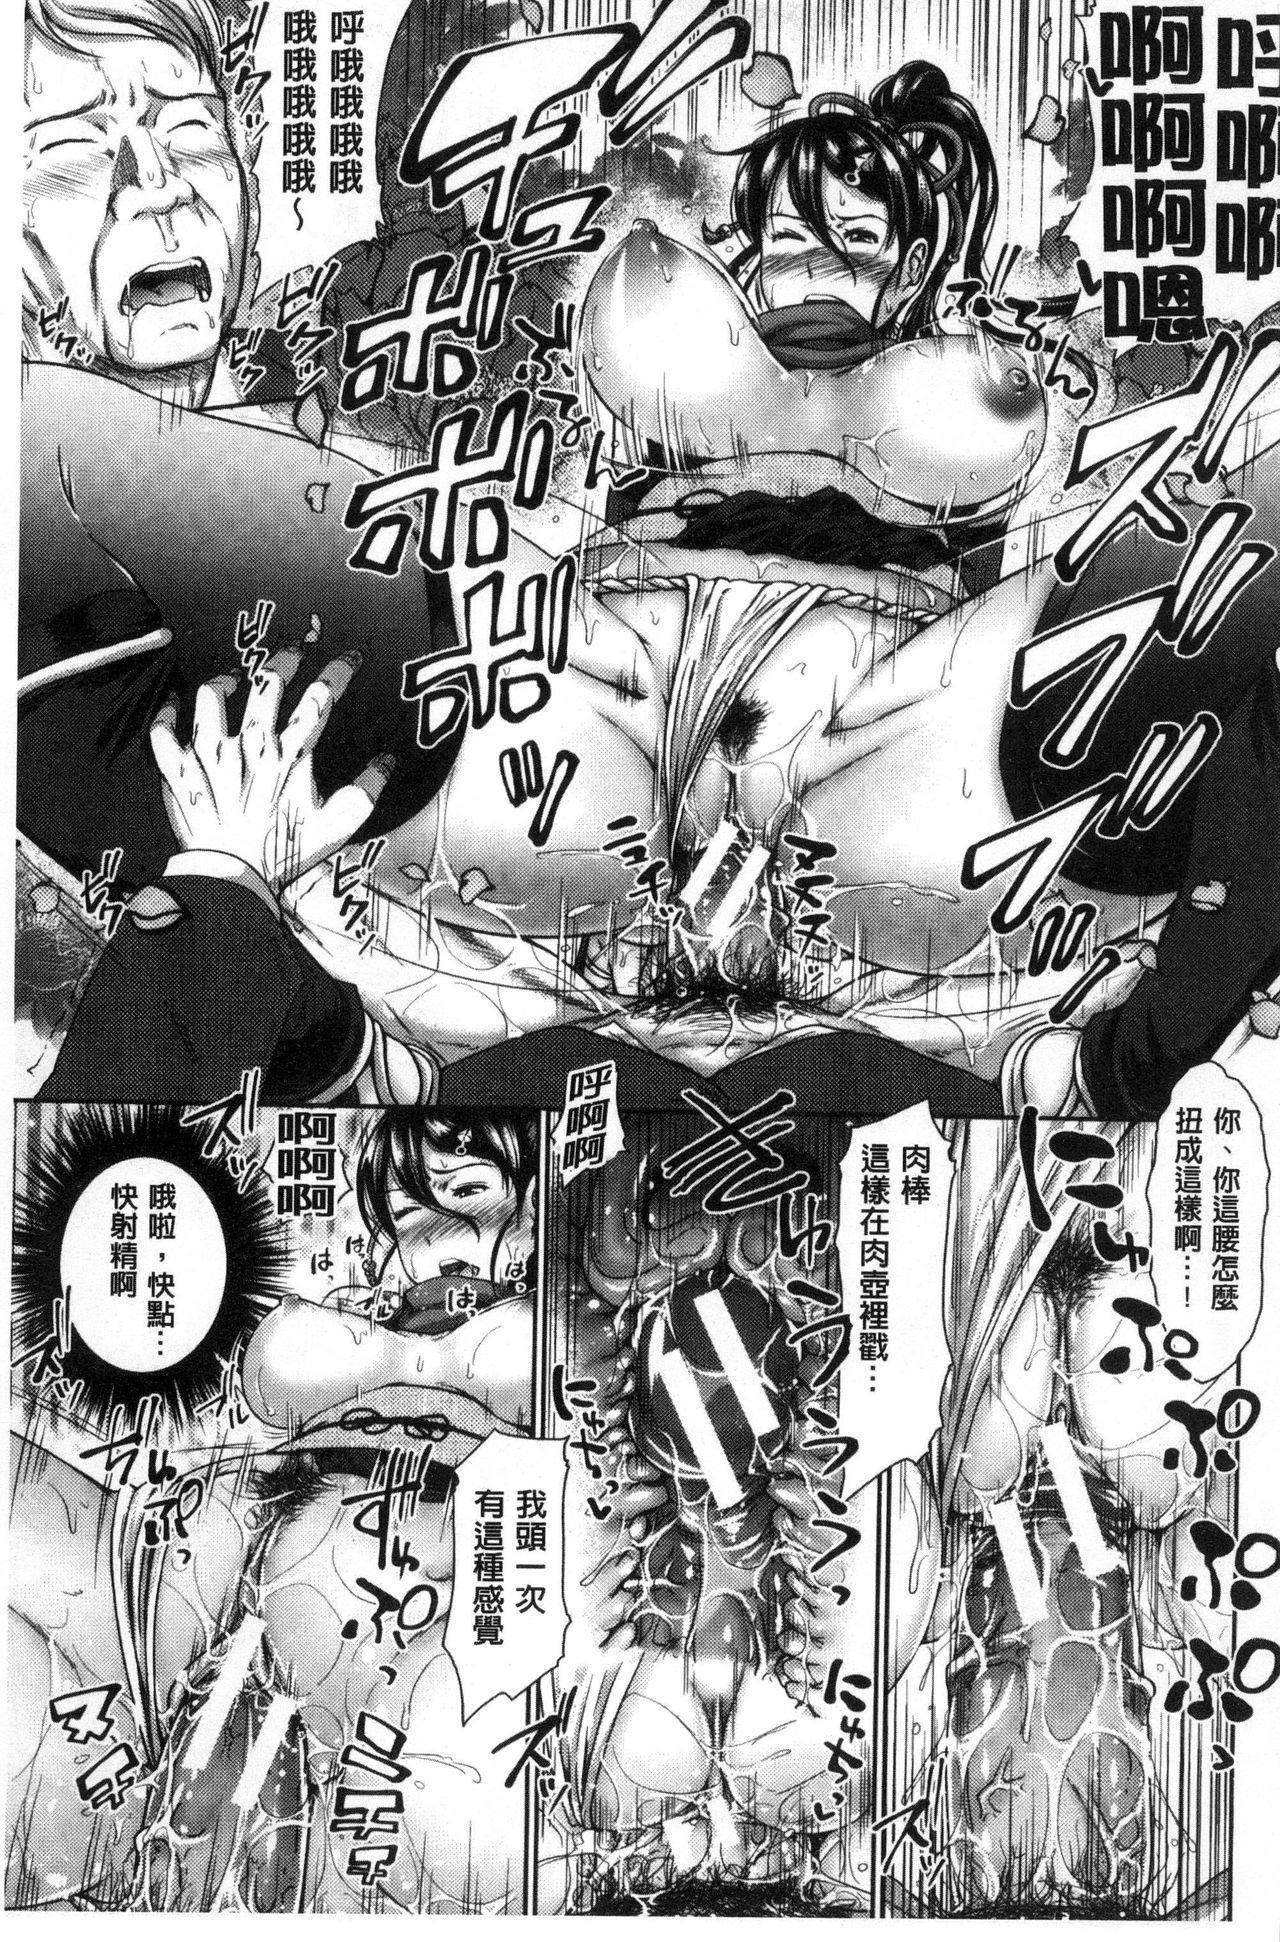 [Takuwan] Sanshimai Show Time -Moshi Ore ga 10-nen mae no Sugata de Seishun Yarinaosetara- | 三姉妹ShowTime -如果我以10年前的模樣青春再玩一次的話- [Chinese] 200